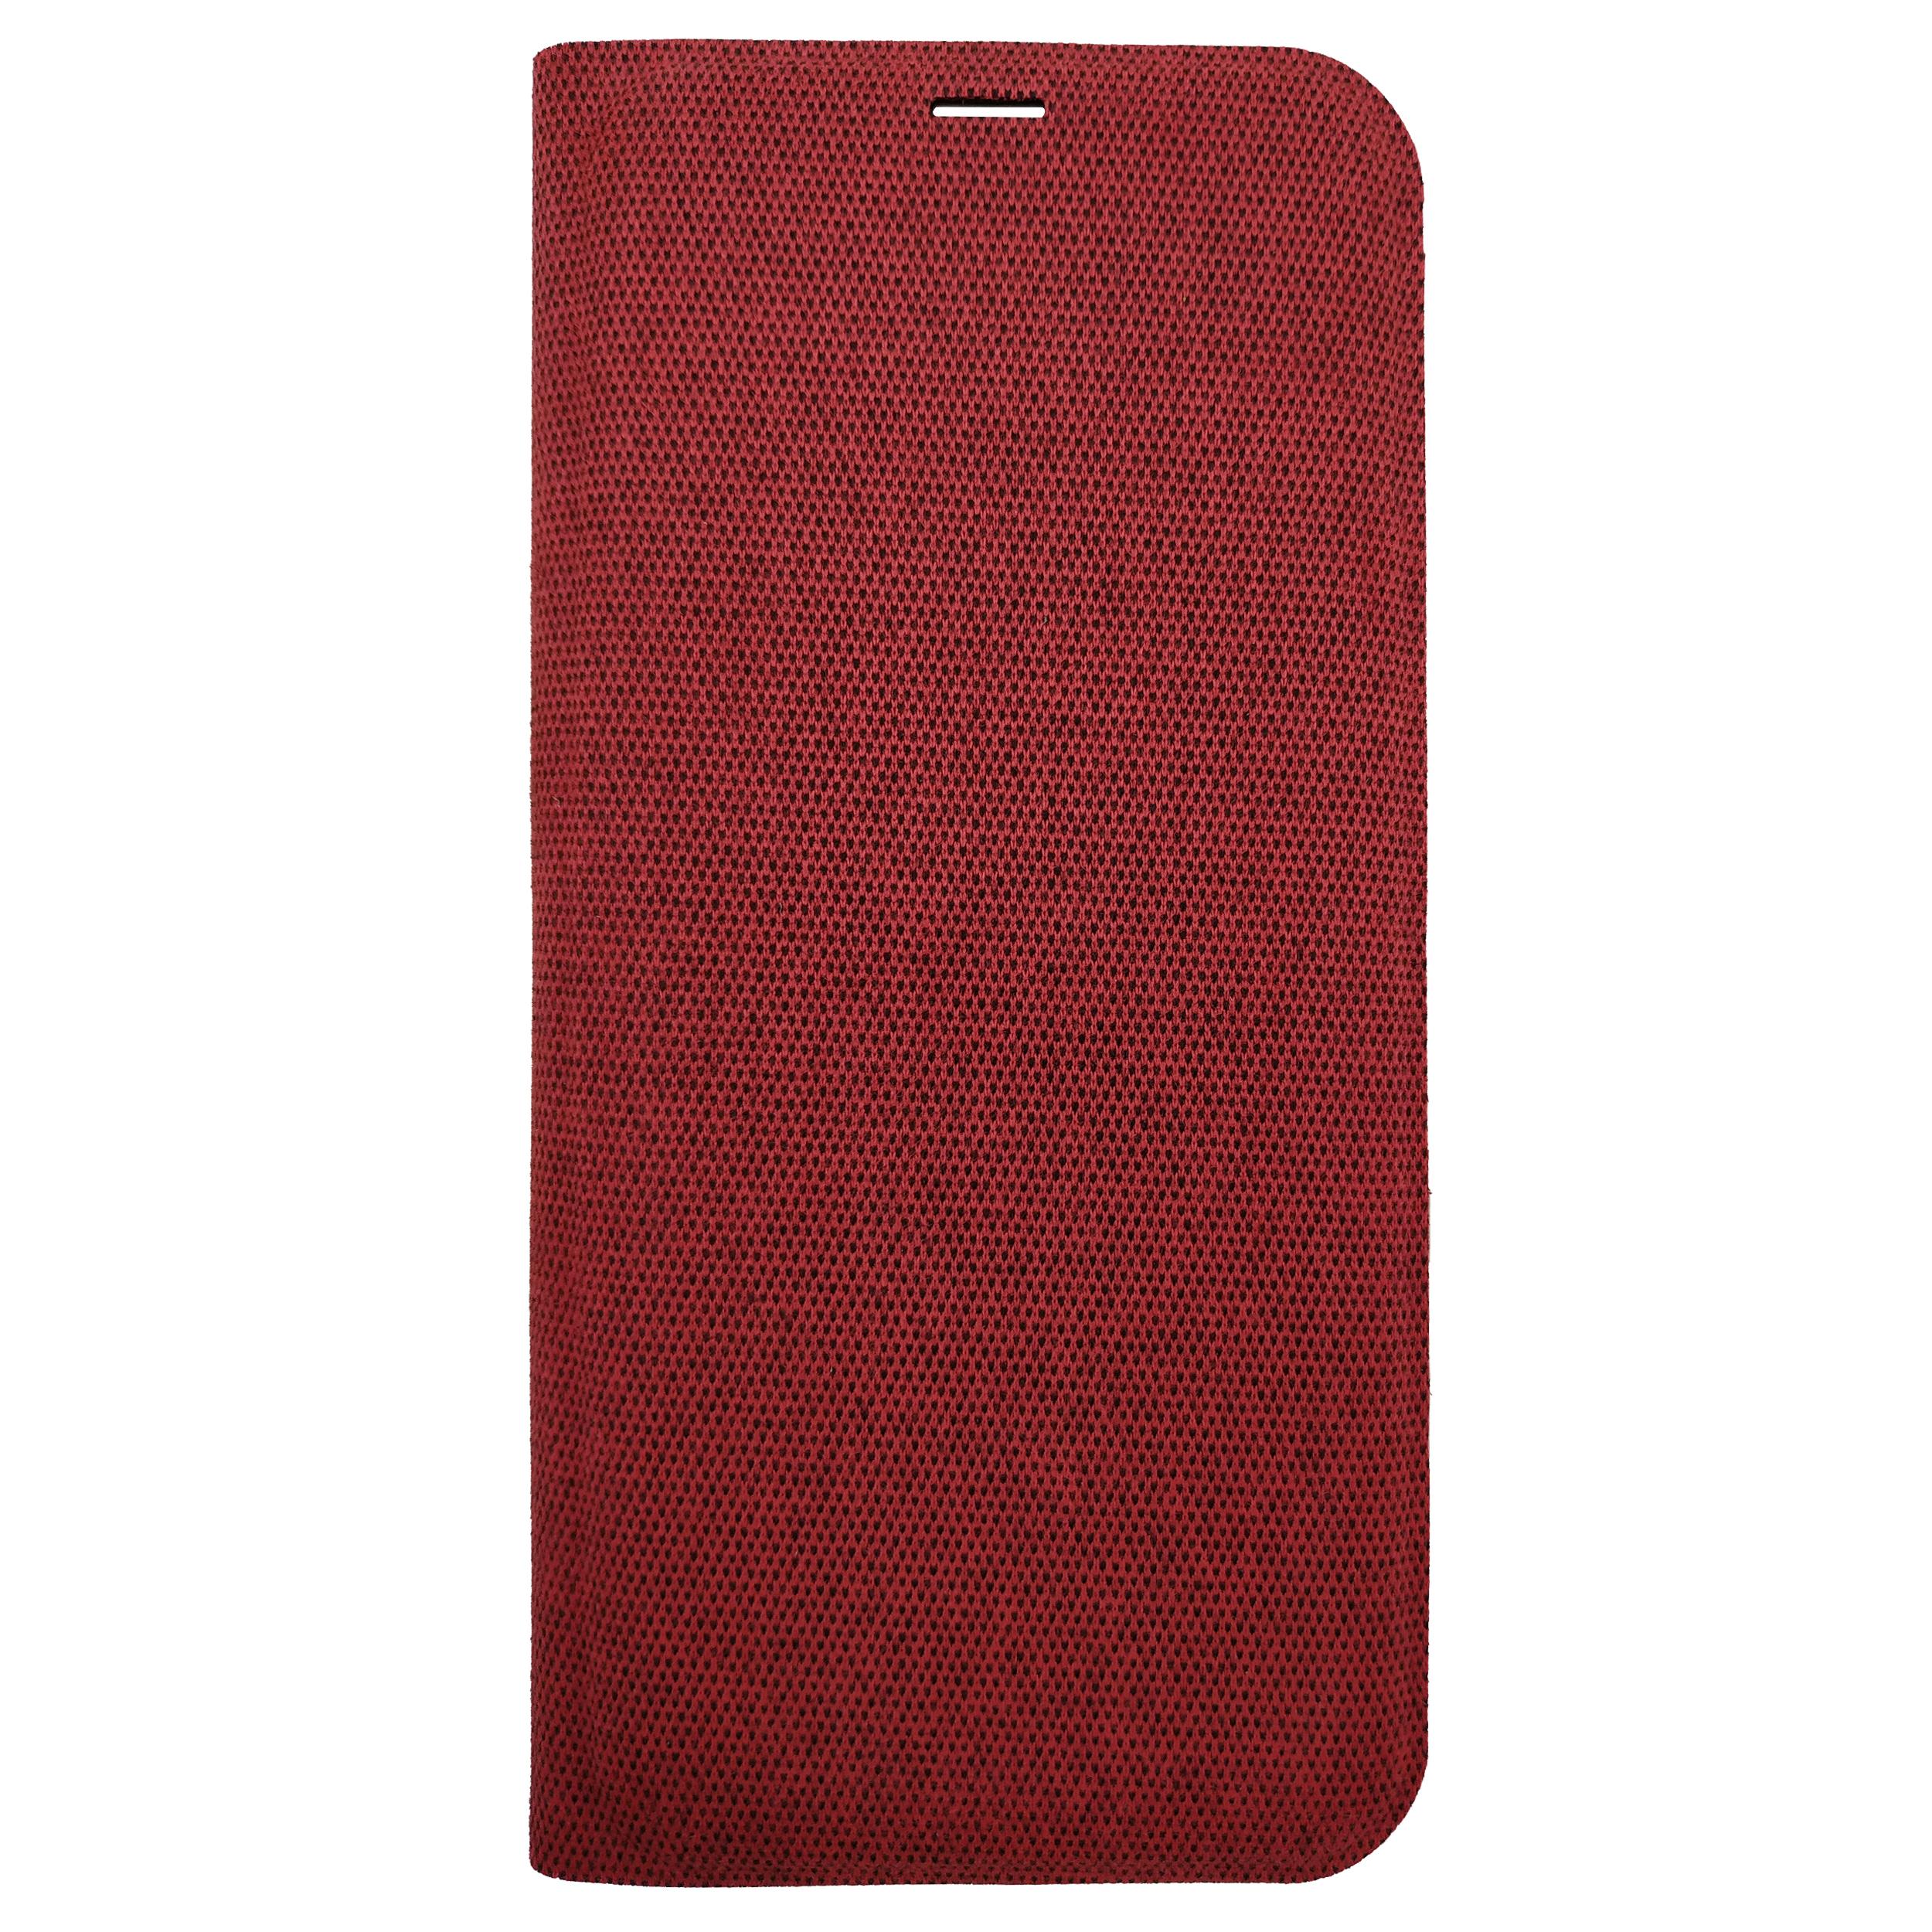 کیف کلاسوری مدل Canvas مناسب برای گوشی موبایل سامسونگ Galaxy S10 Plus